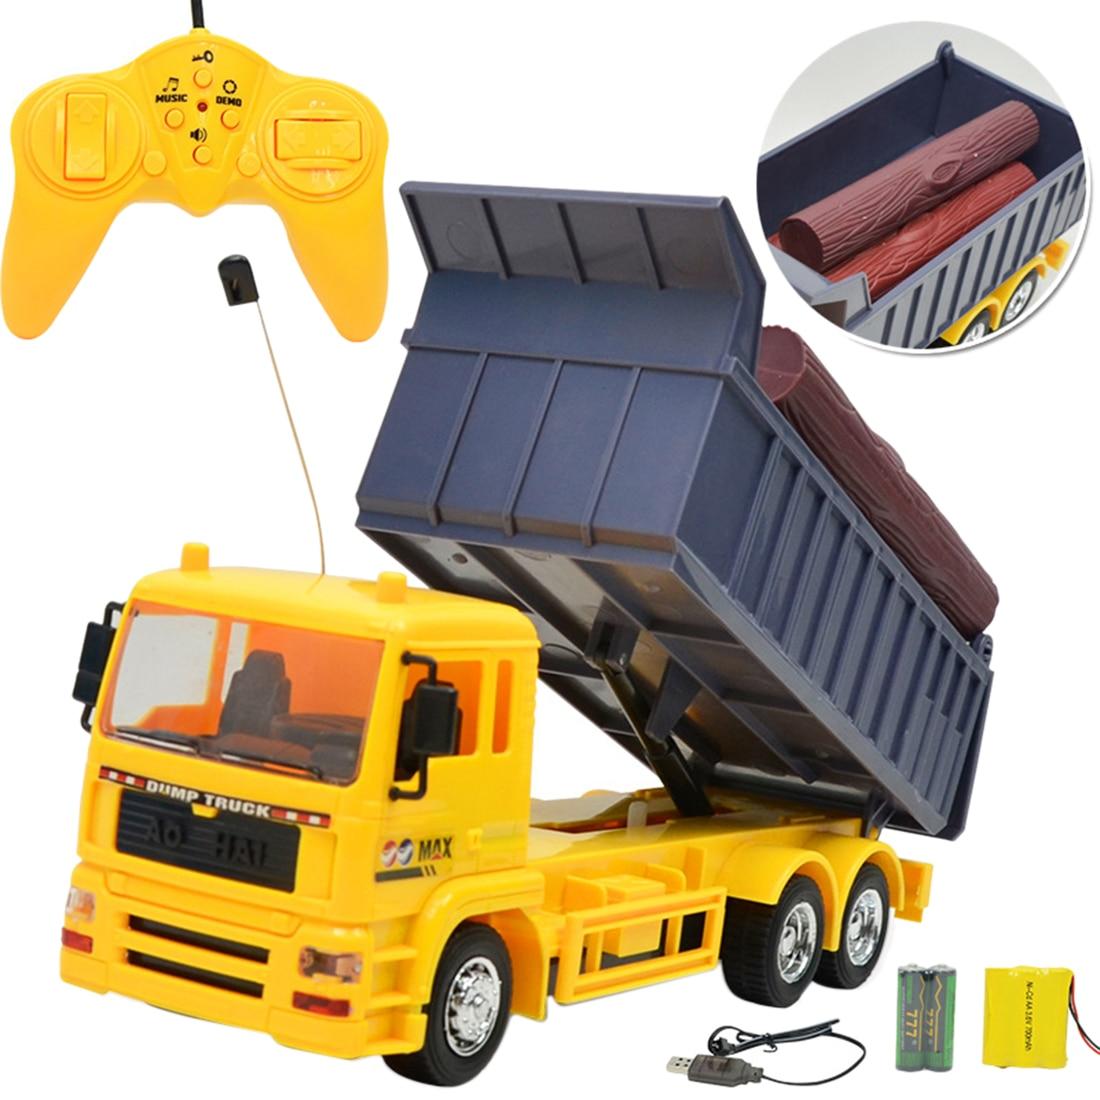 1:24 8 Kanaals Rc Techniek Auto Model Transport Kar Dumper Bouw Voertuig Met Lichte Muziek Voor Kinderen Present Gift